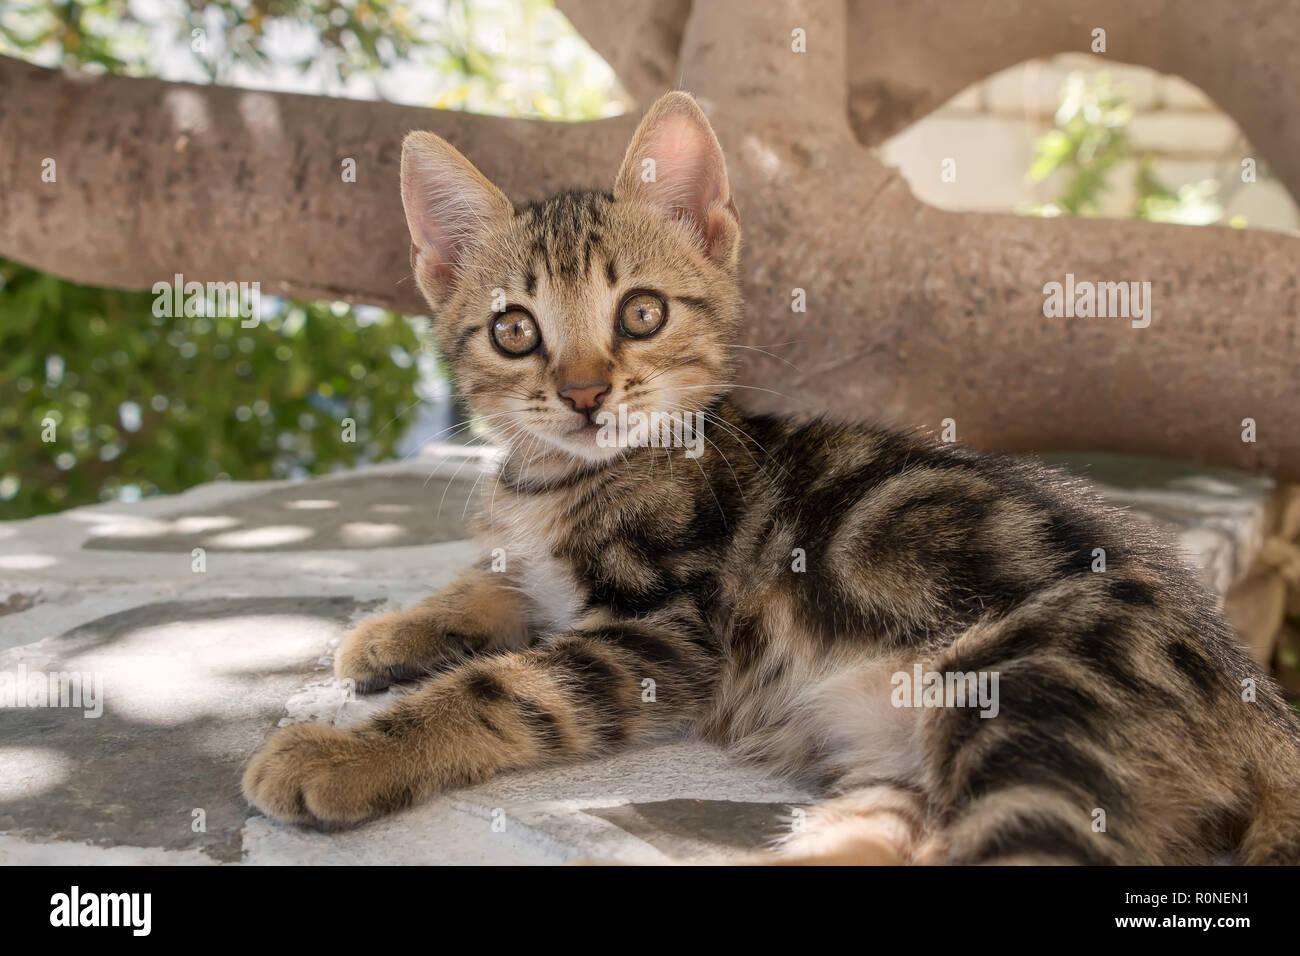 Bebé lindo gatito, classic brown tabby, apoyada en una pared, mirando con ojos muy abiertos, isla del Egeo, Grecia, Europa Foto de stock